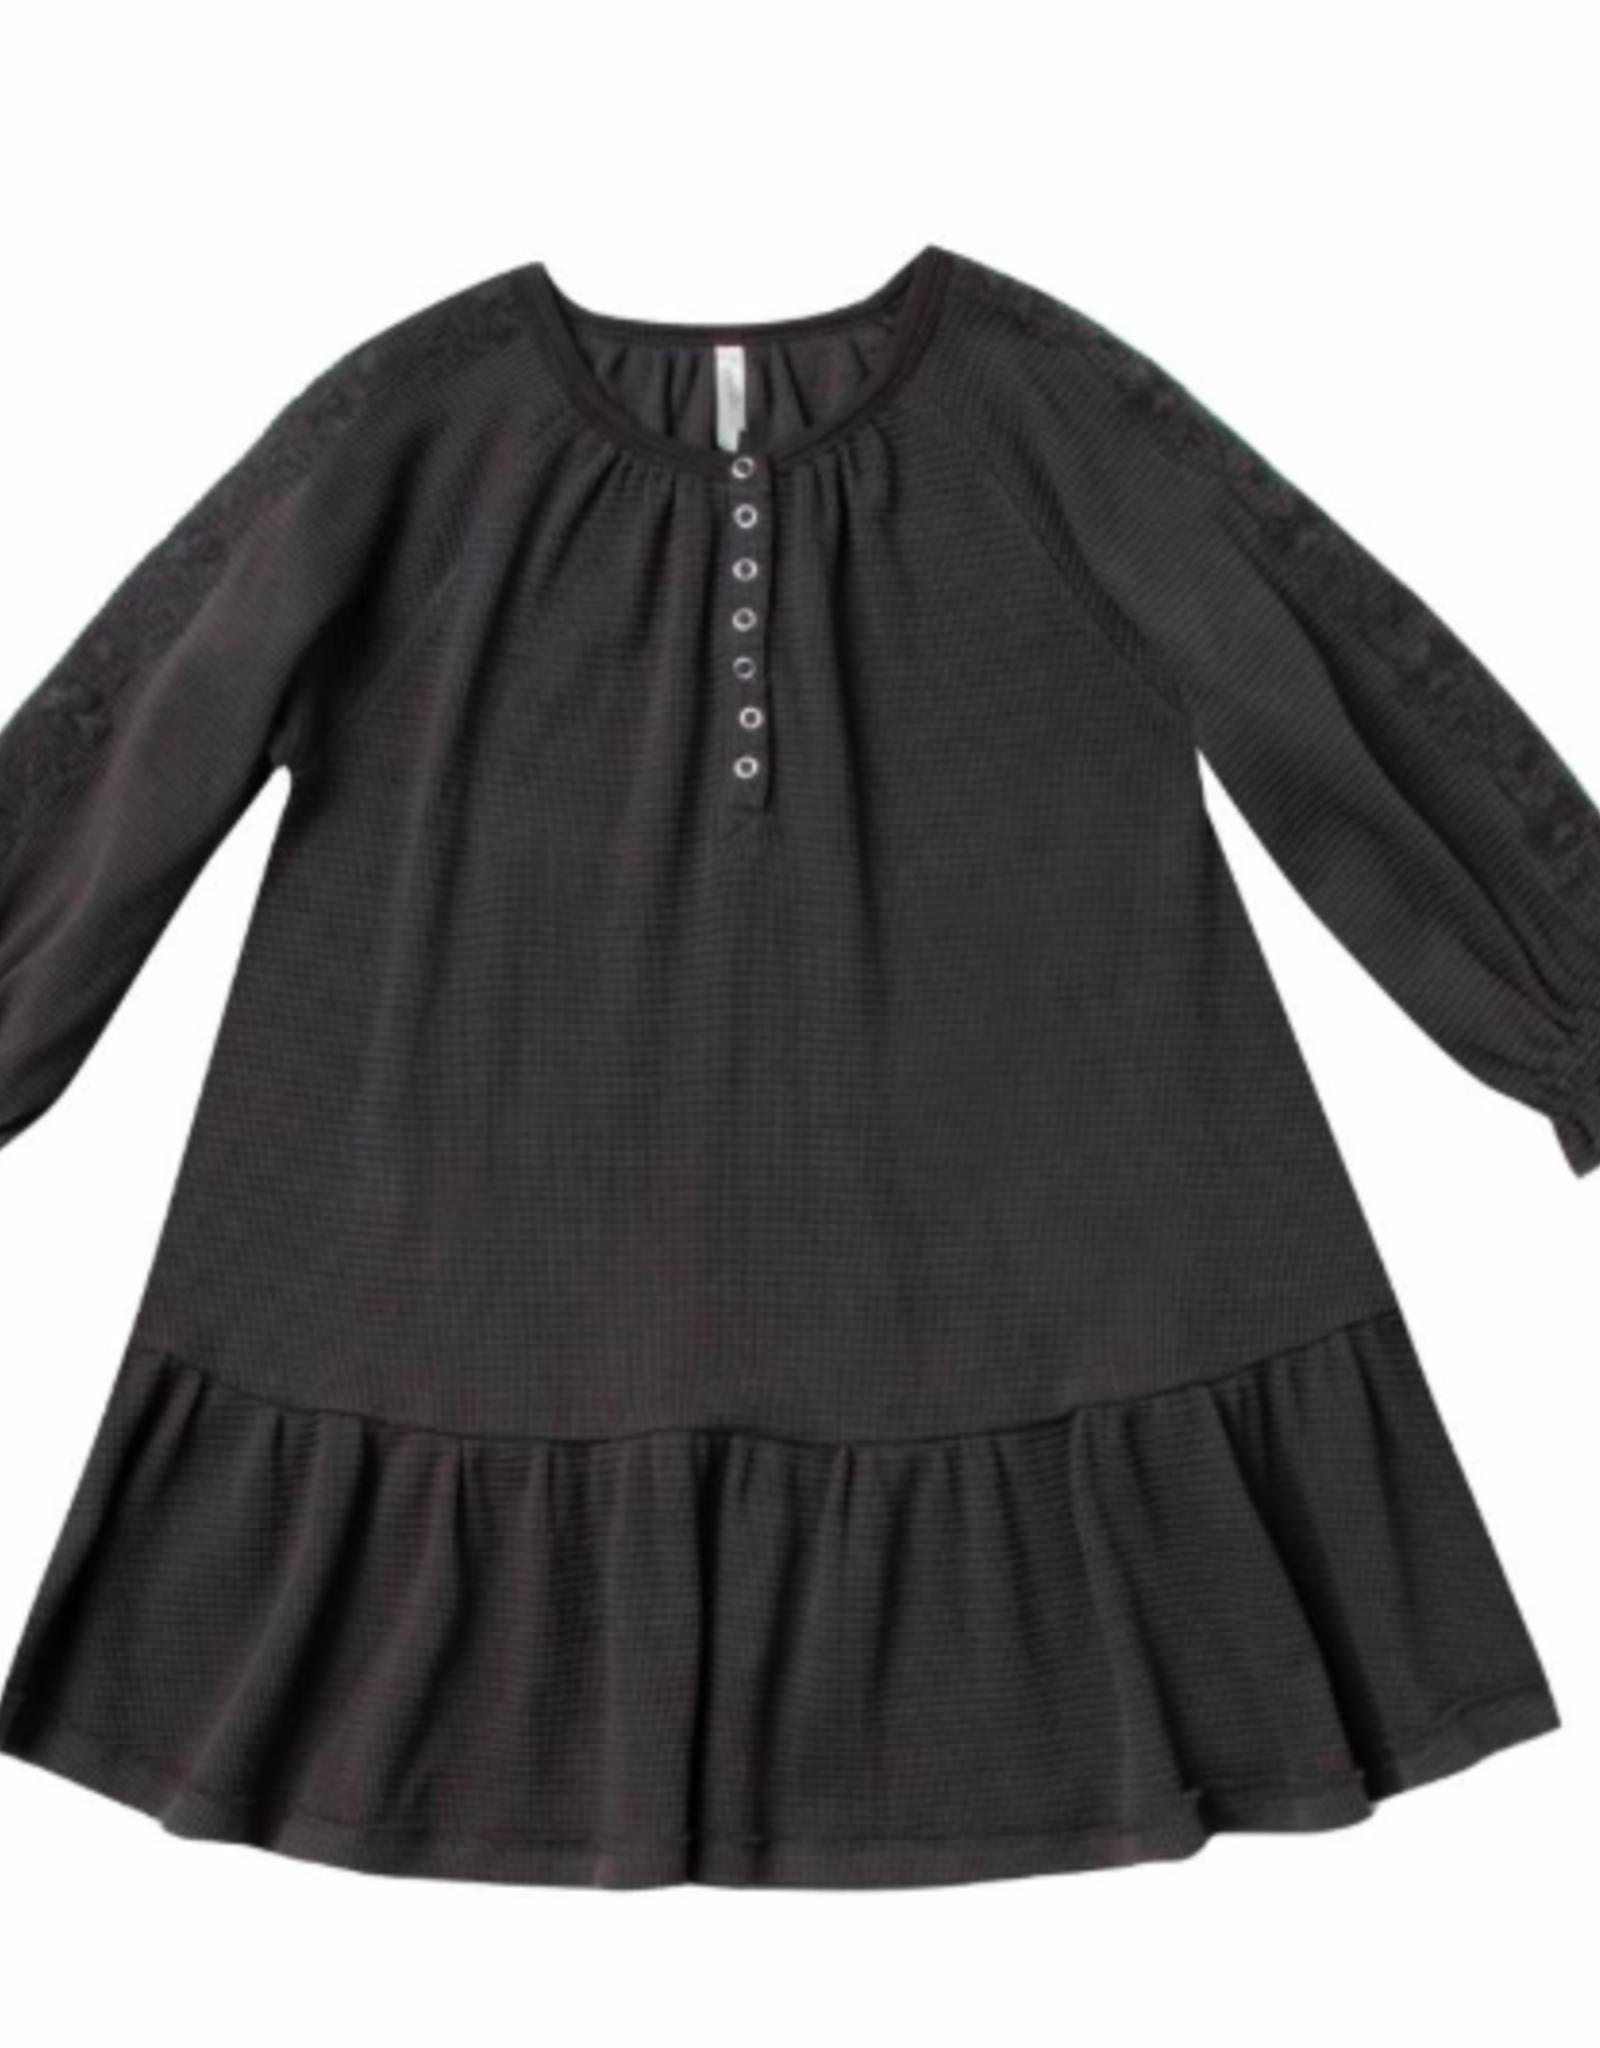 Rylee + Cru Thermal Dress